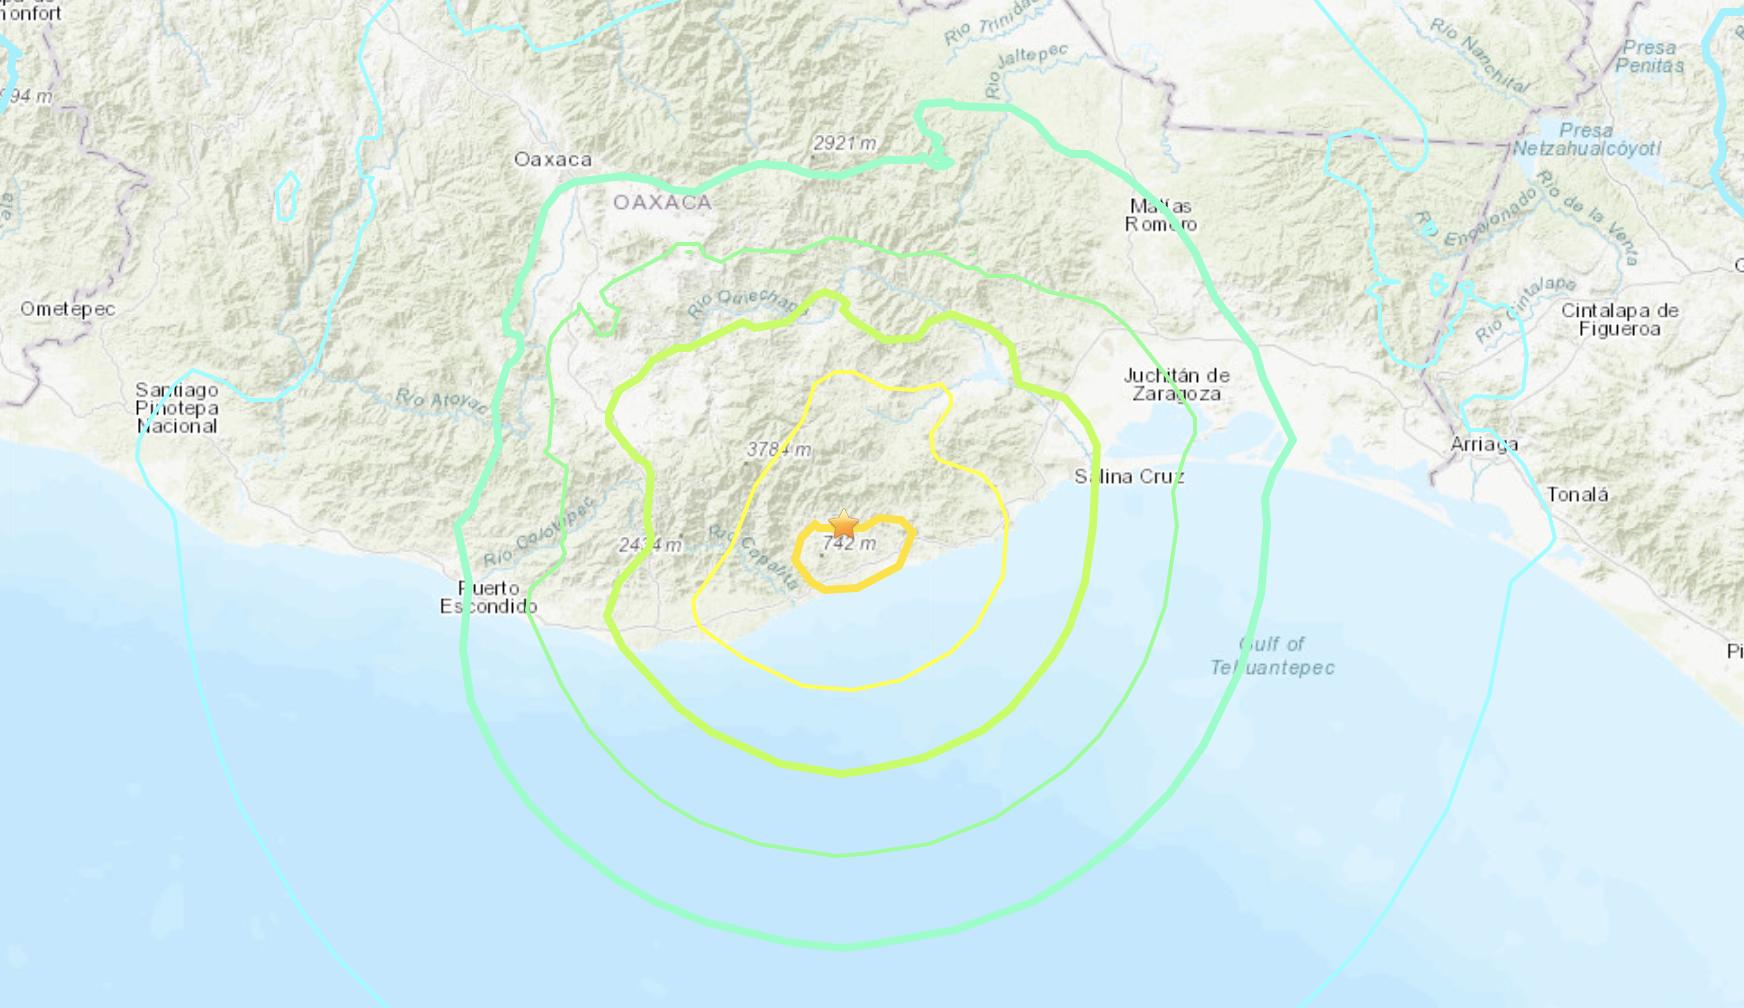 Un séisme de magnitude 7,4 a frappé la côte sud d'Oaxaca, au Mexique, le 23 juin 2020